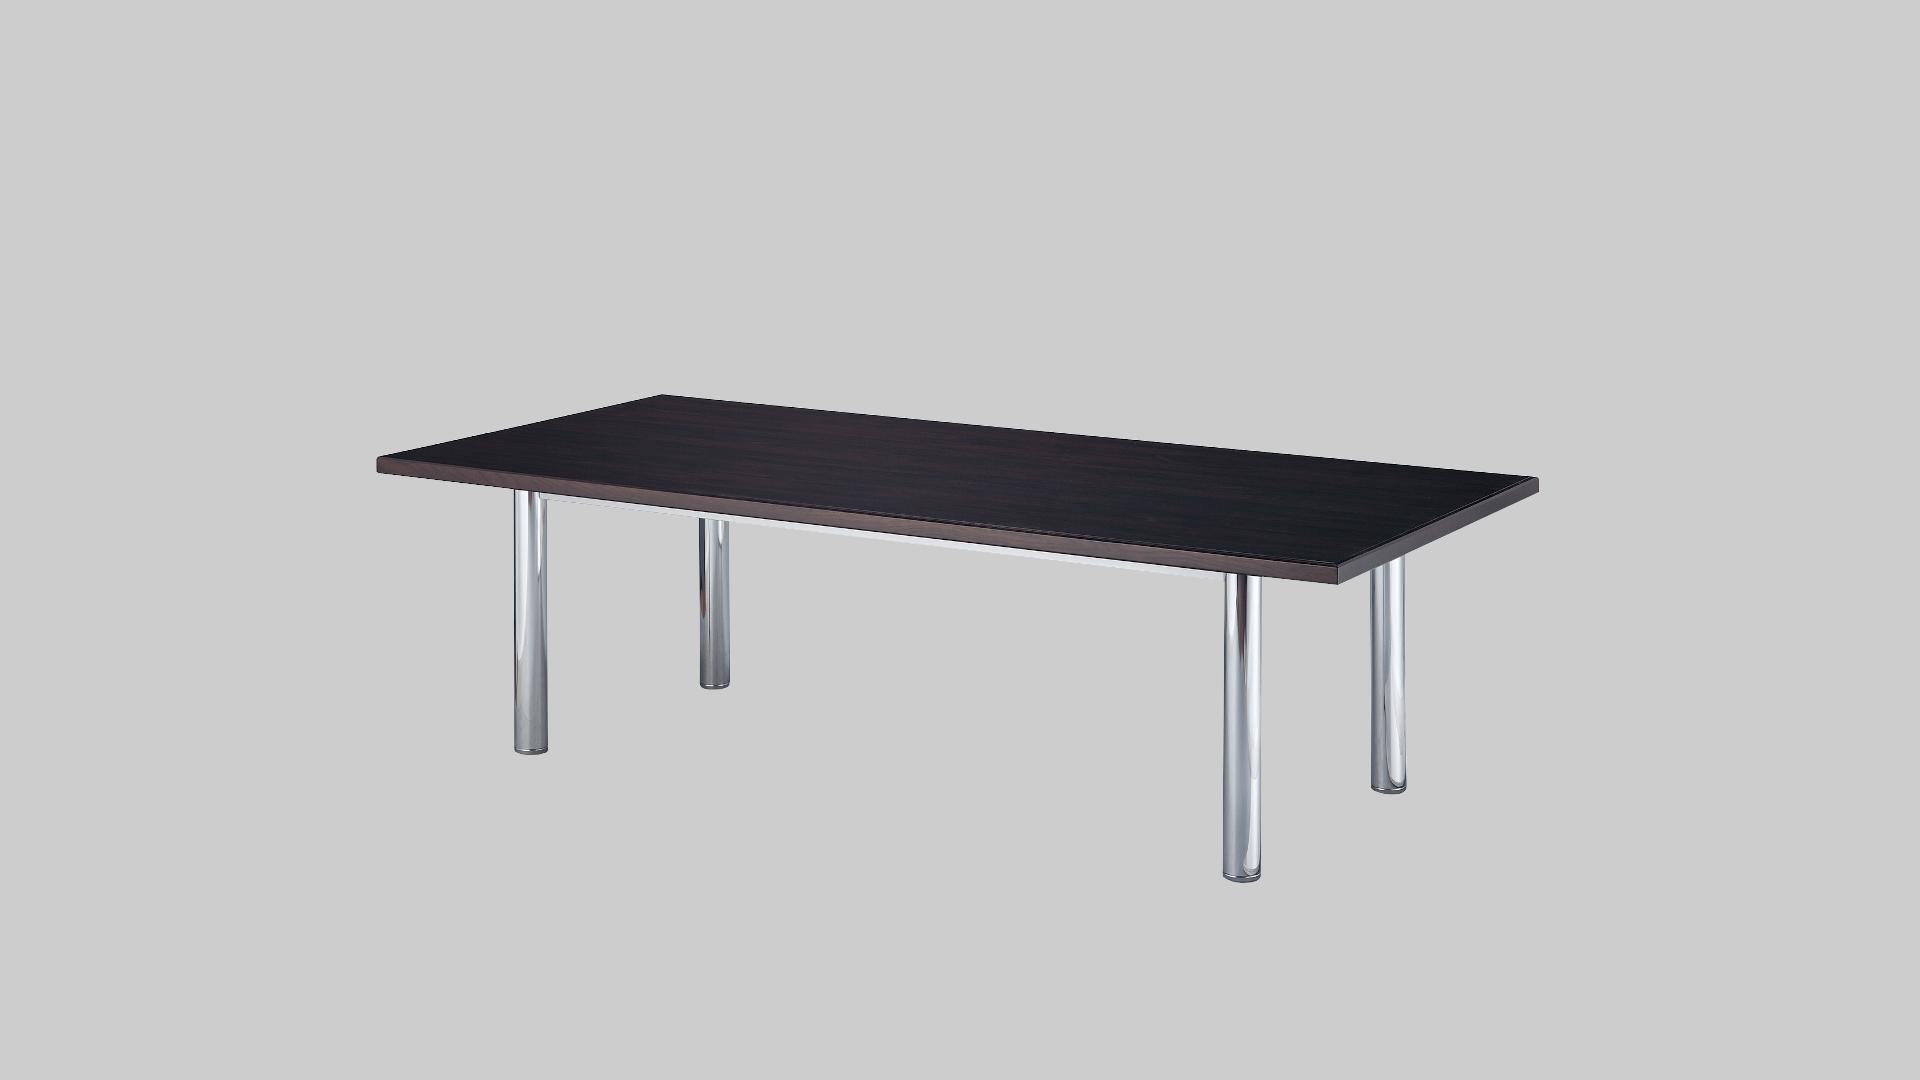 会議テーブルDK イメージ